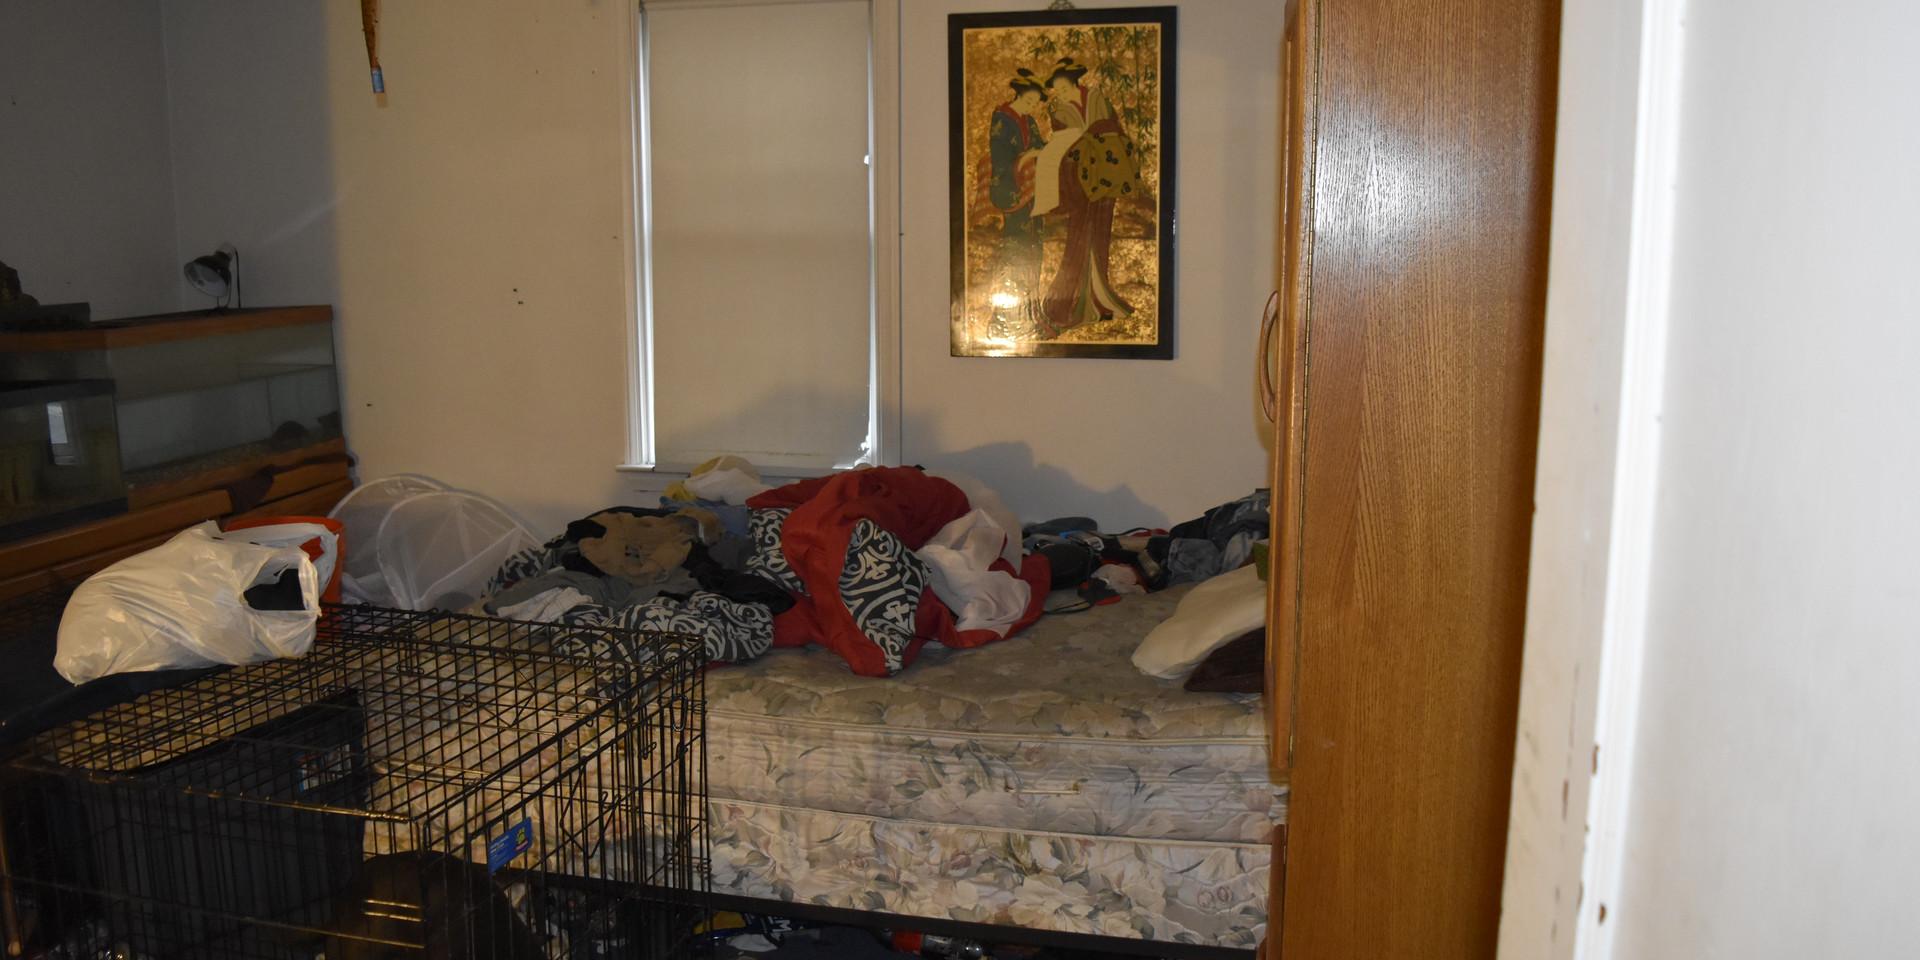 013 Second Guest Bedroom 5.JPG